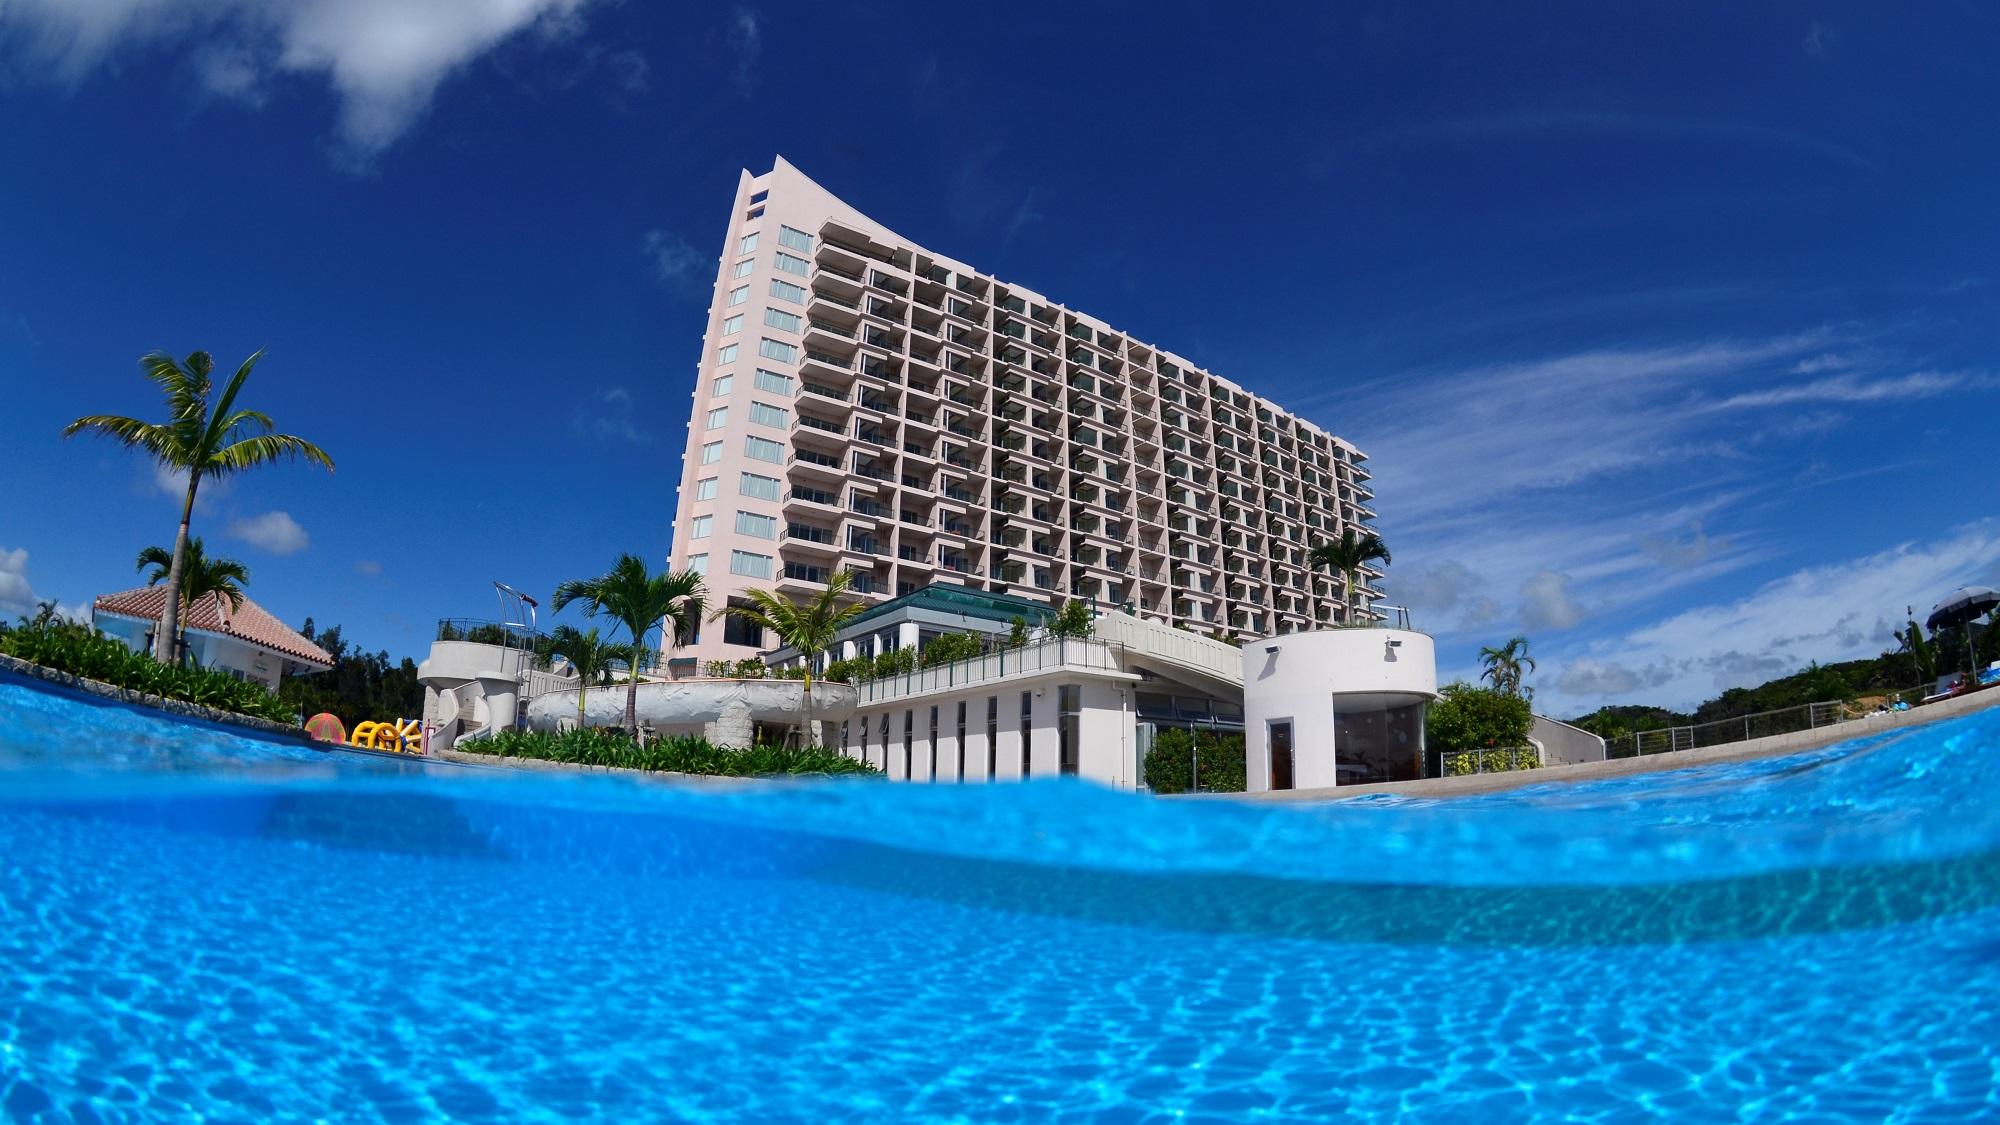 オキナワマリオット リゾート&スパ(2021年10月1日よりオリエンタルホテル 沖縄リゾート&スパ)